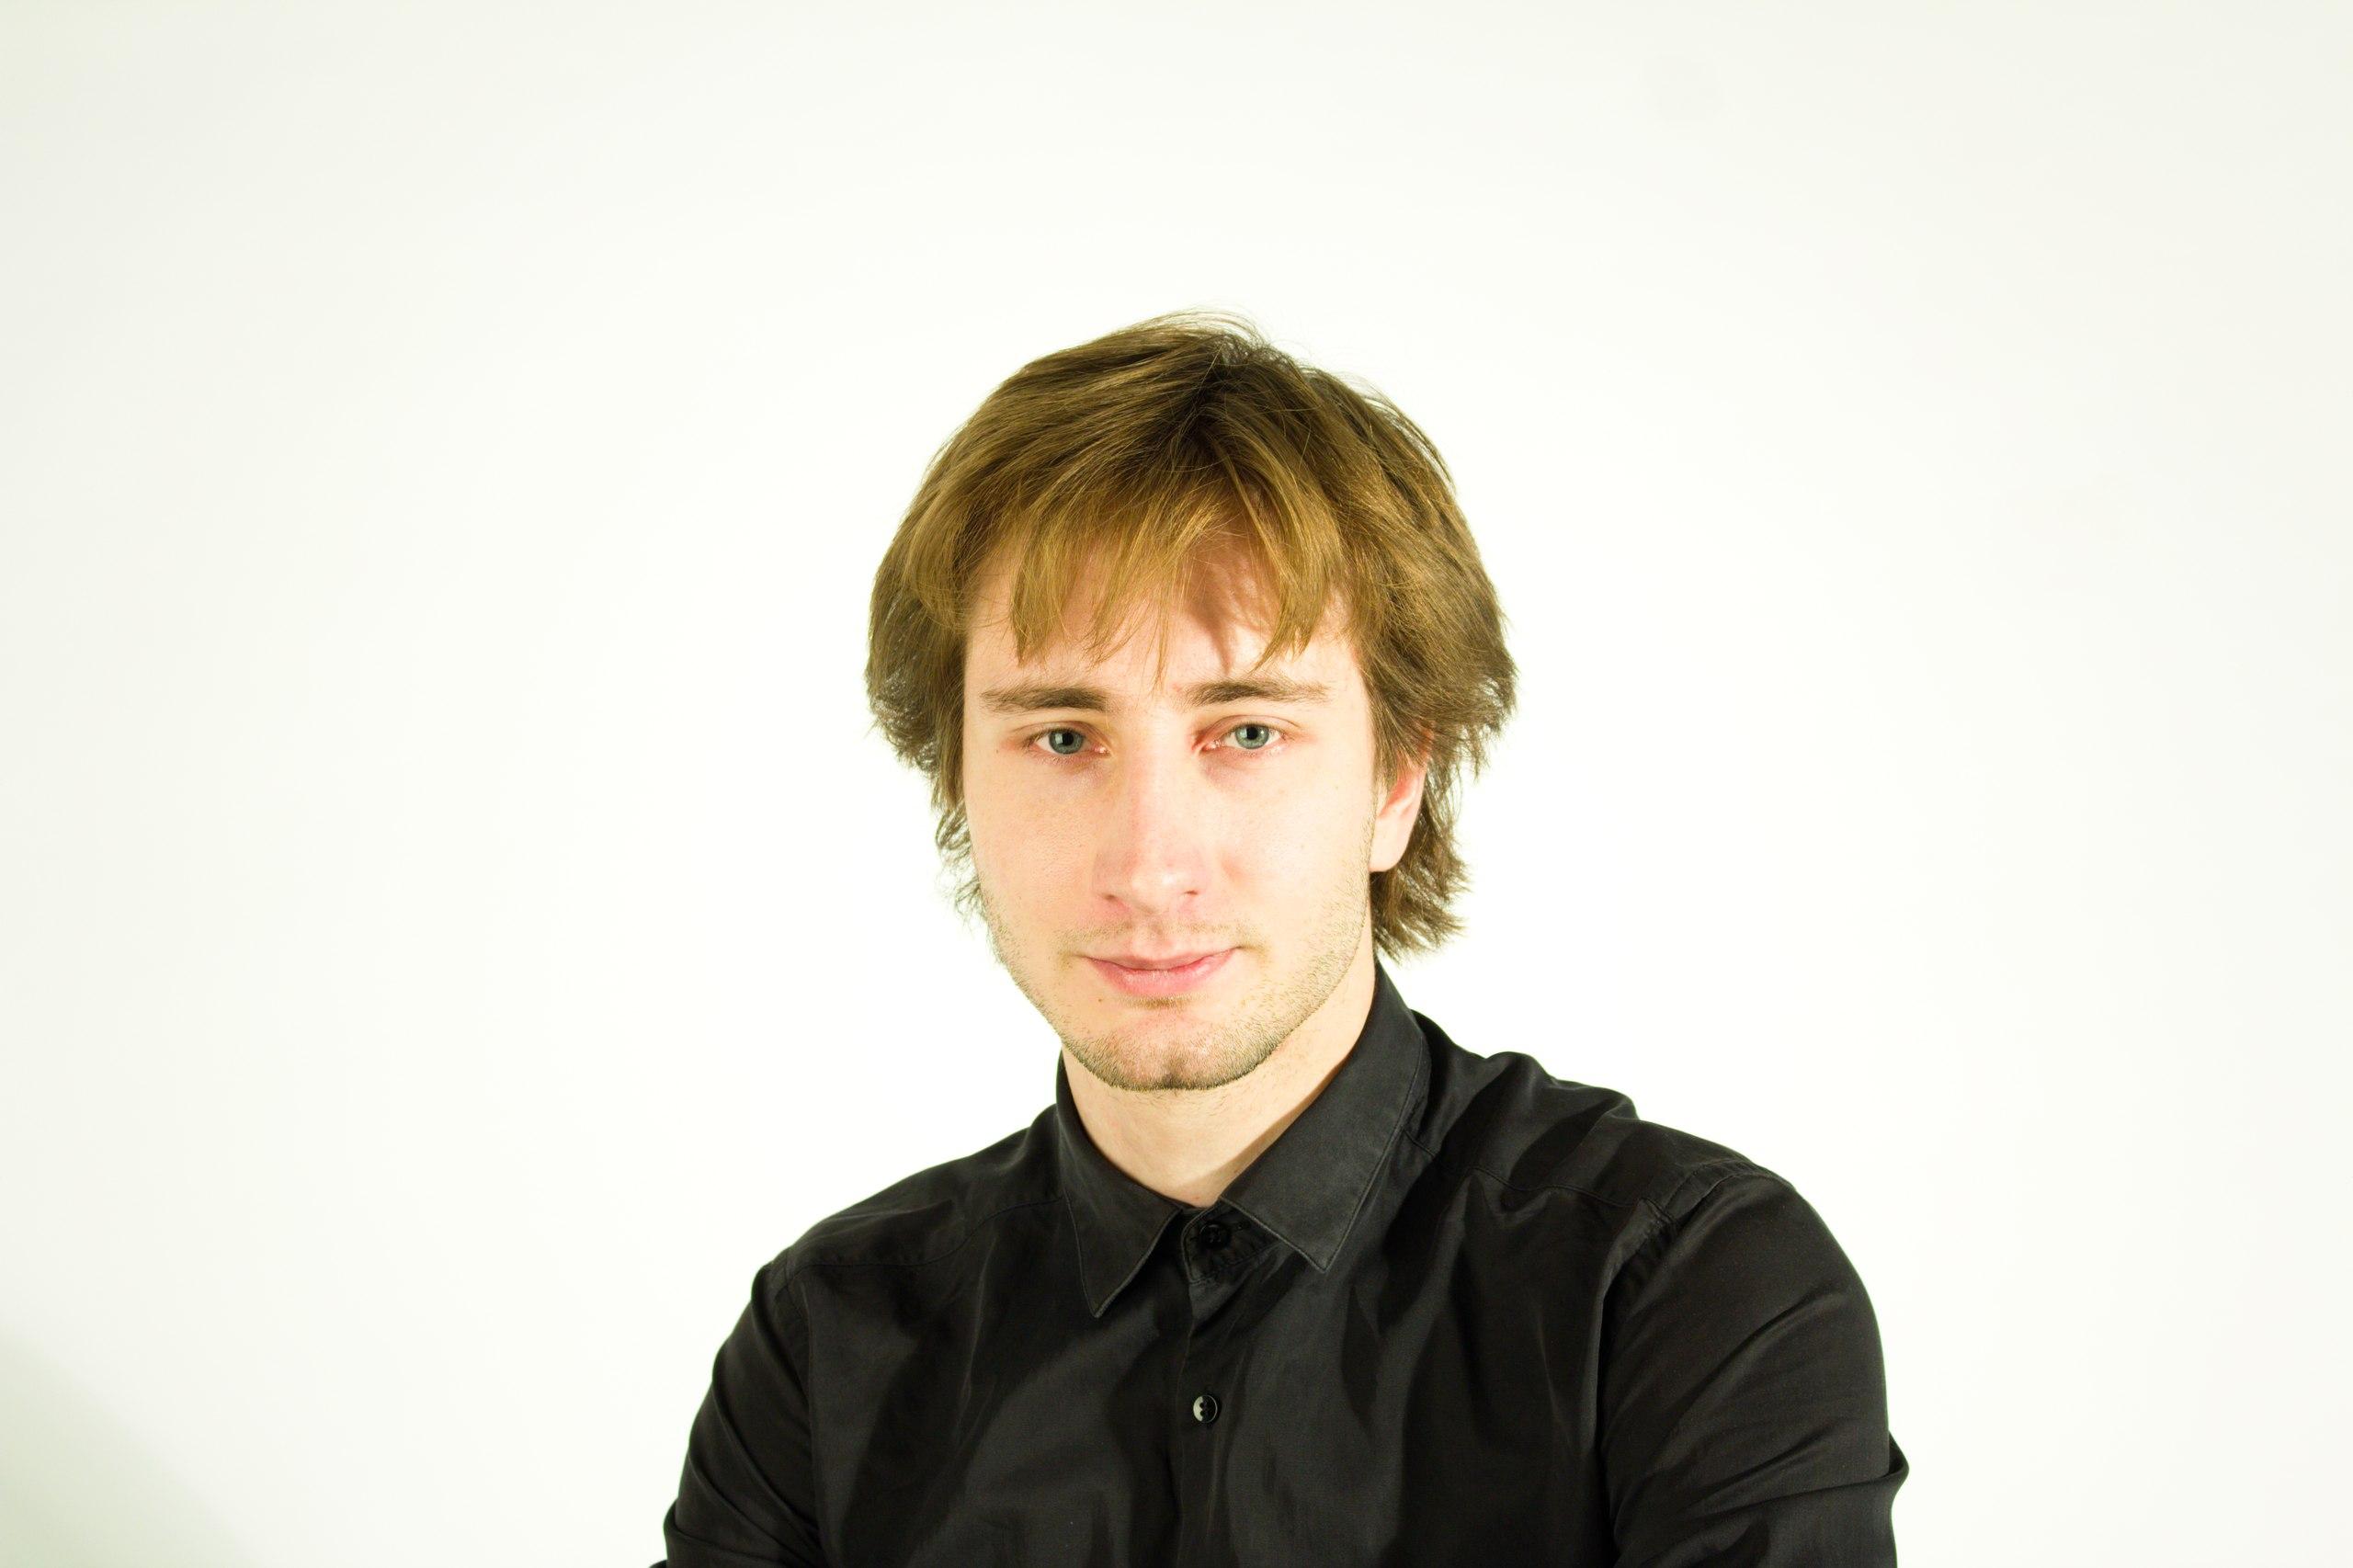 Евгений Цыганков, координатор движения The Brights вРоссии.